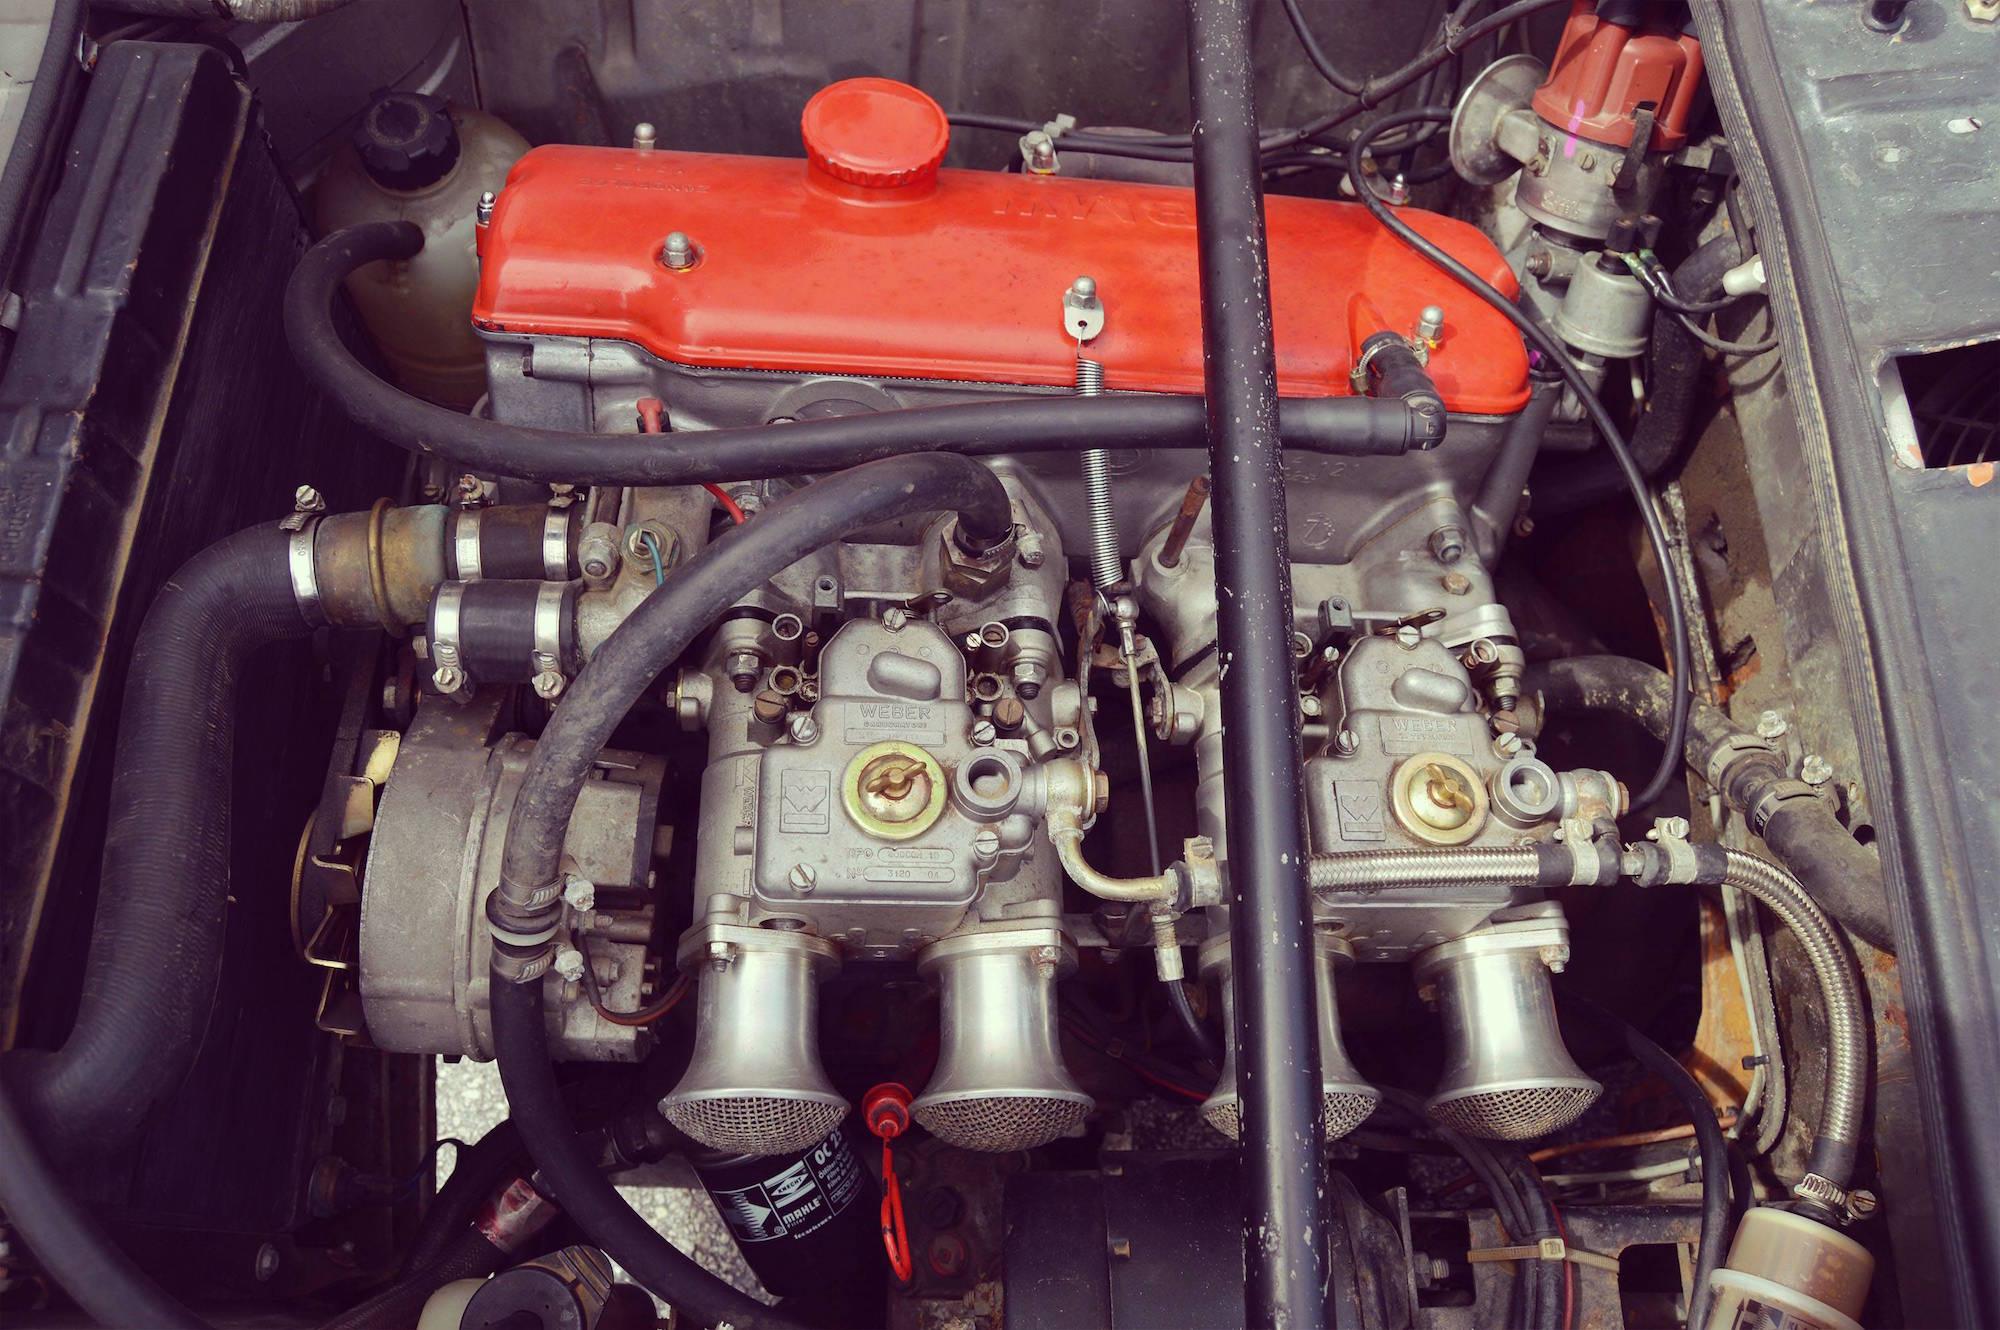 BMW 2002 Tii For Sale >> BMW 2002 Tii Racer